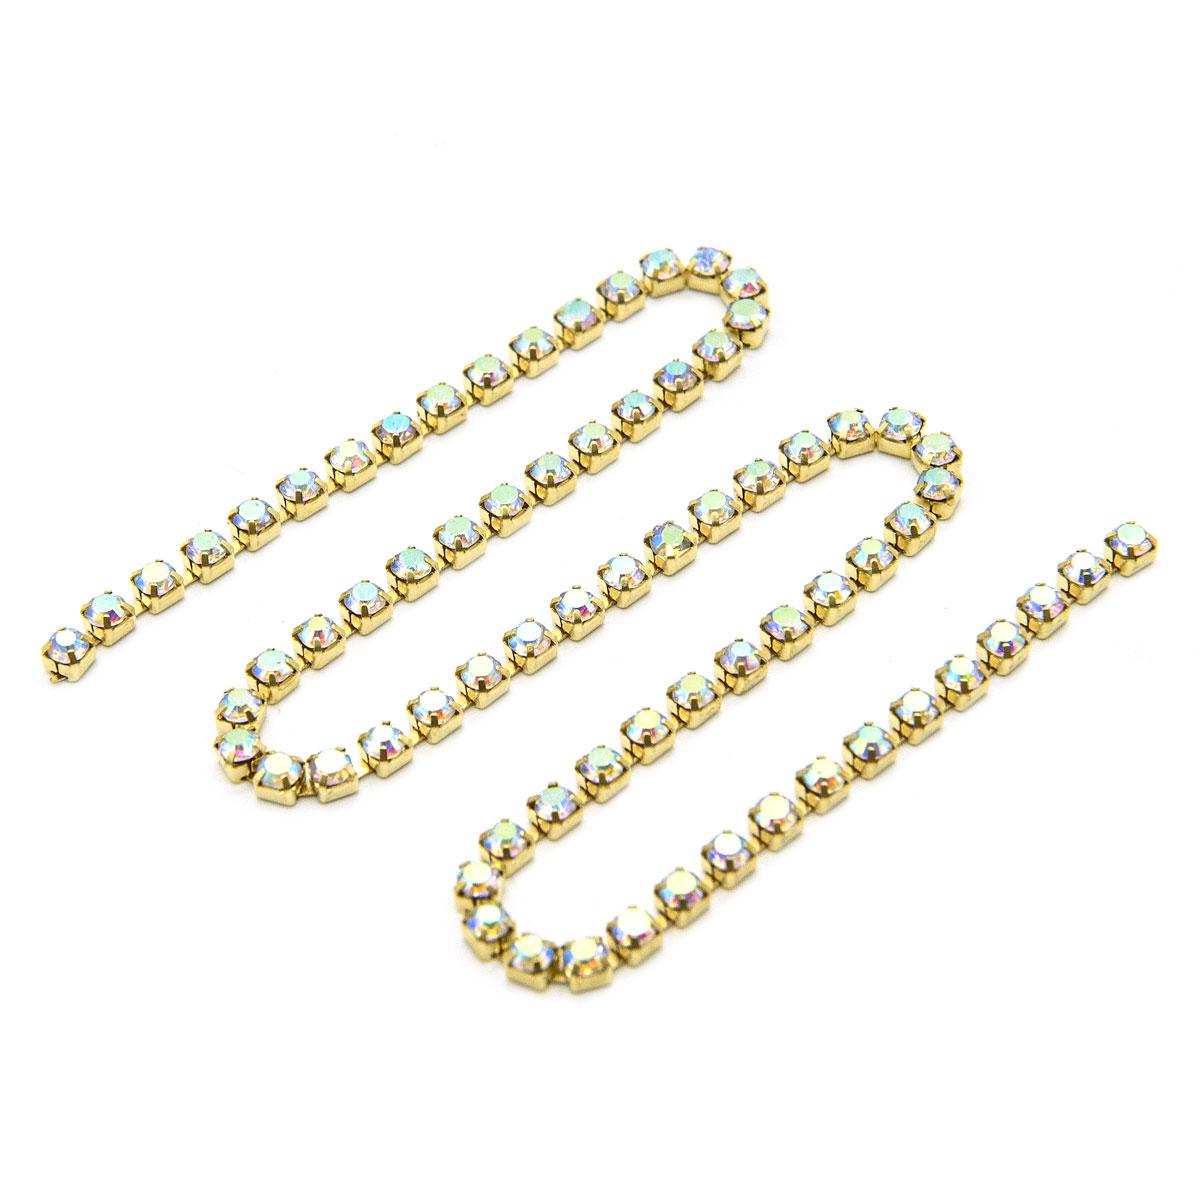 ЦС002ЗЦ3 Стразовые цепочки (золото), цвет: белый с AB покрытием, размер 3 мм, 30 см/упак.